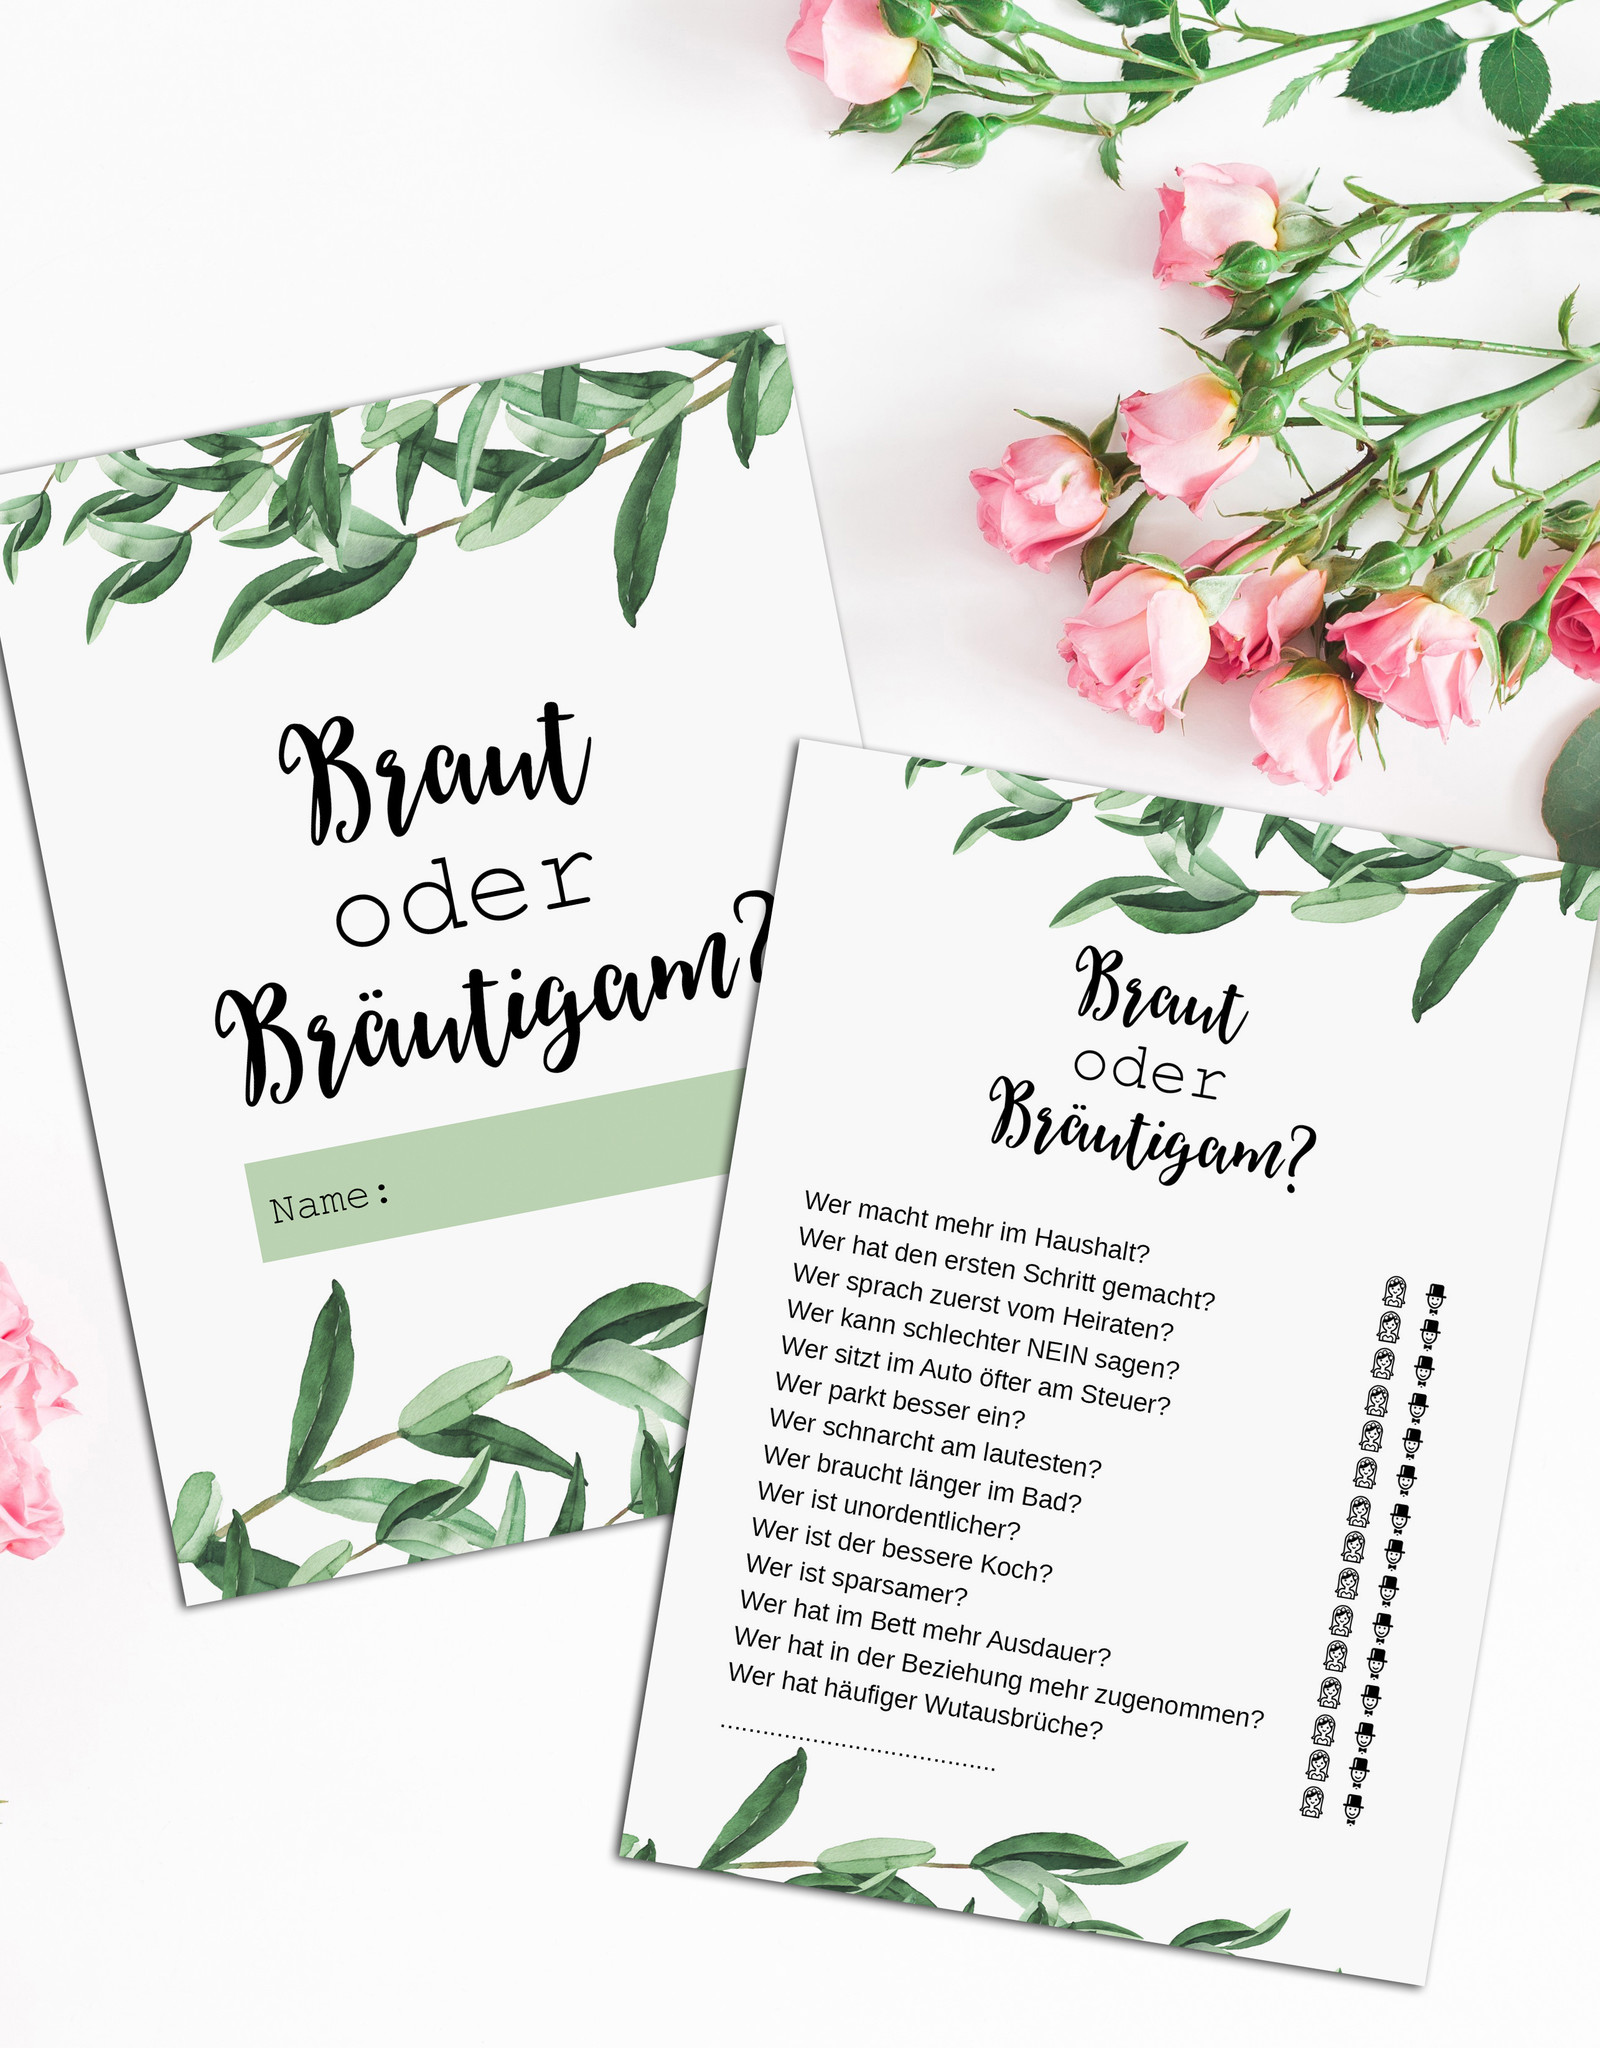 50 Karten Hochzeitsspiel Braut oder Bräutigam? EUCALYPTUS, Hochzeitsspiele Gäste Gastgeschenk Hochzeit